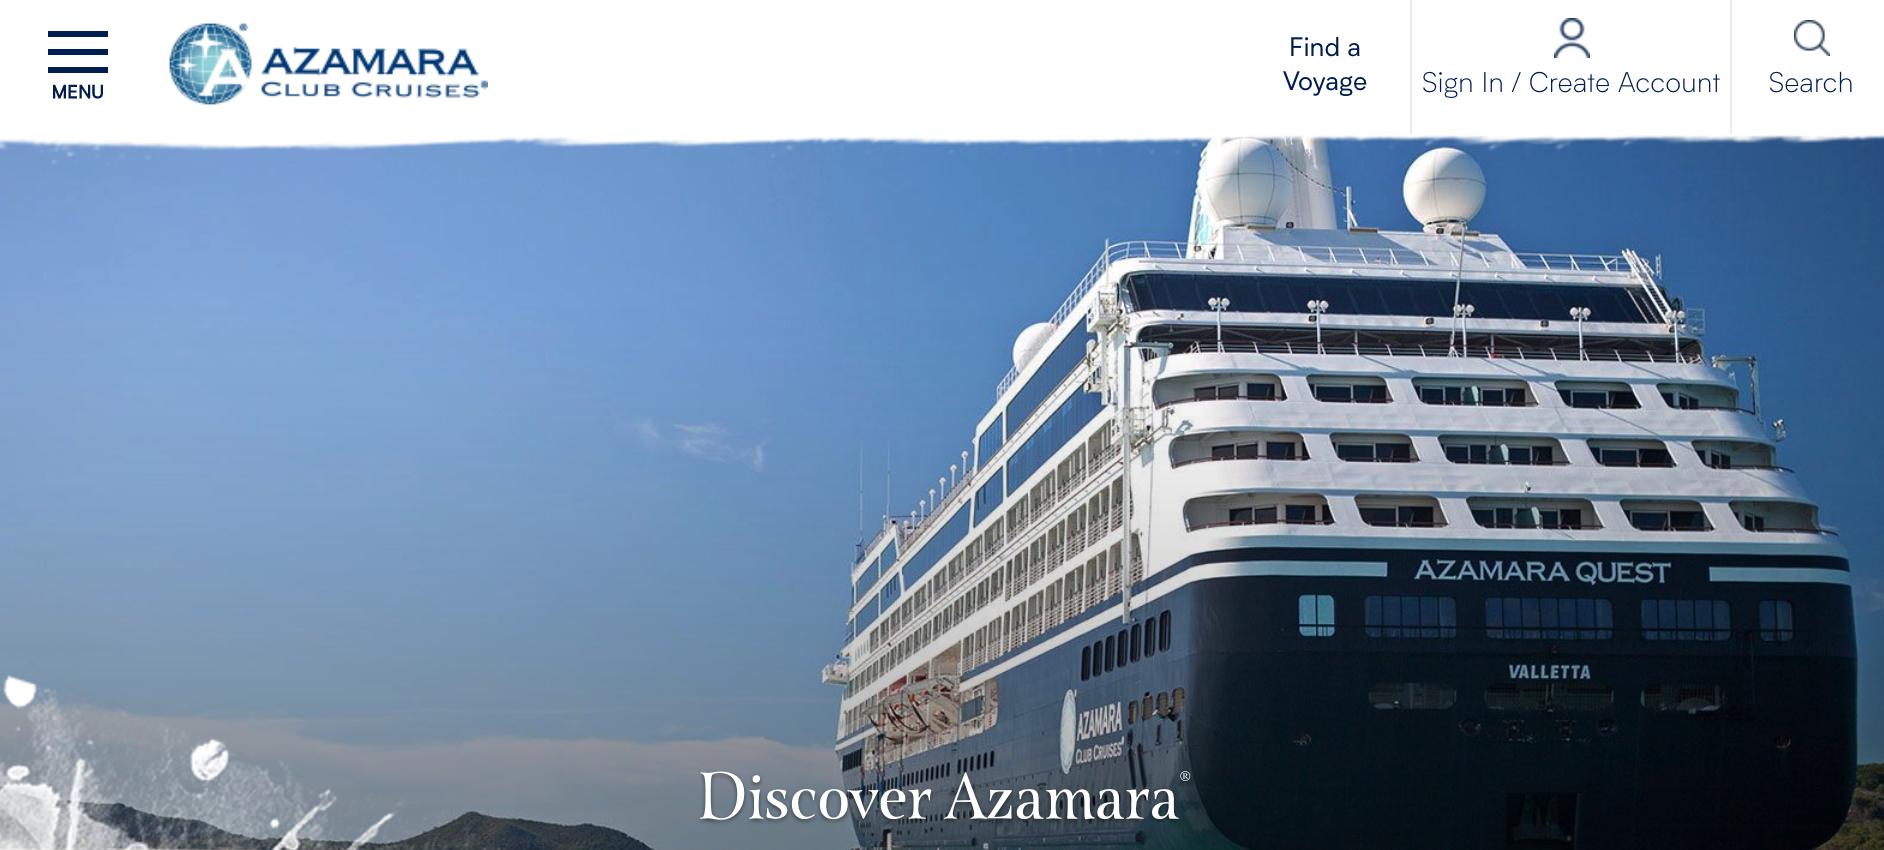 Azamara Cruise Insurance